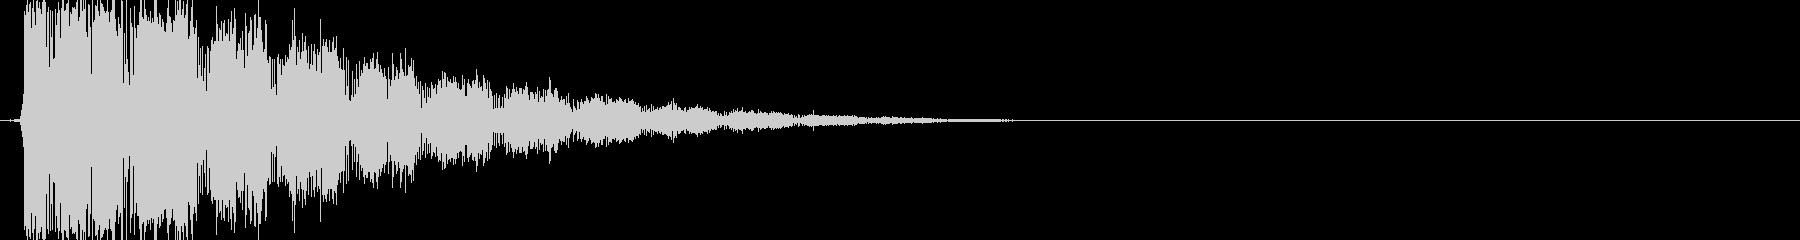 パワワーン(ショット音、STG)の未再生の波形